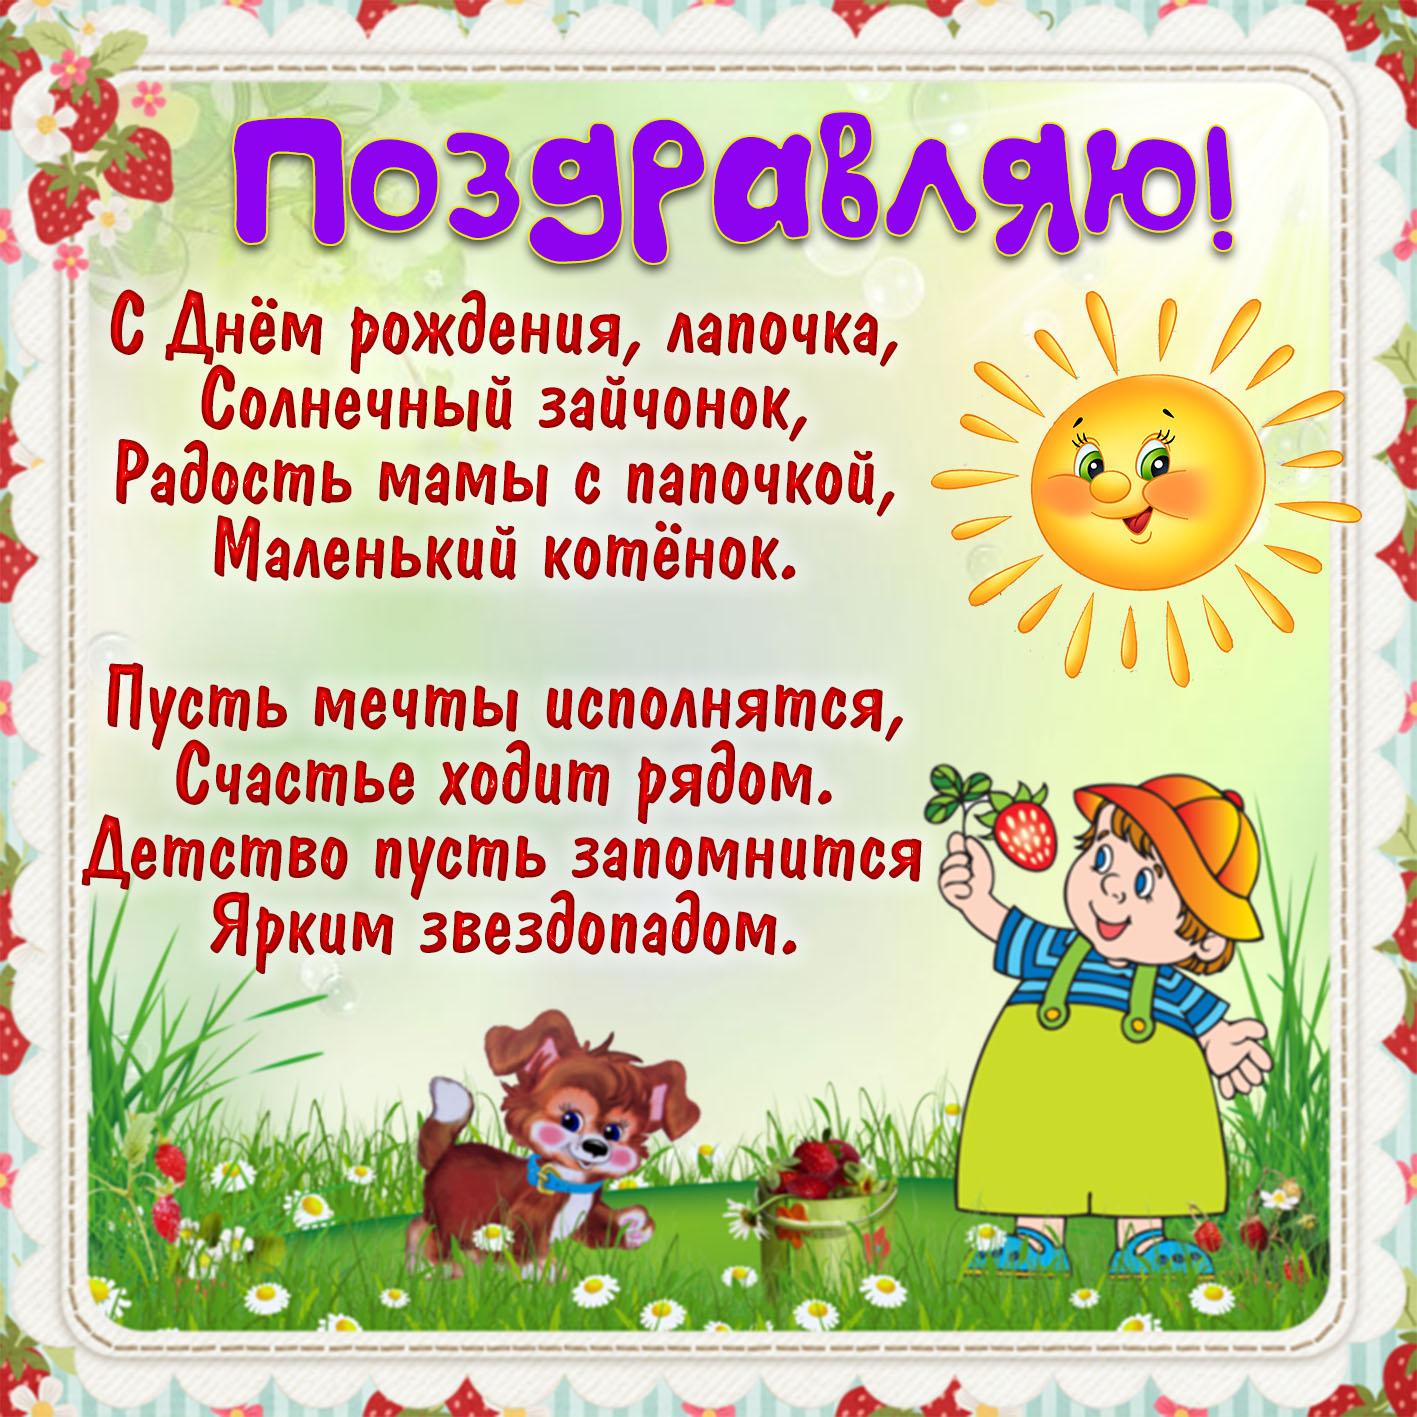 Пожелания ребенку картинки поздравления